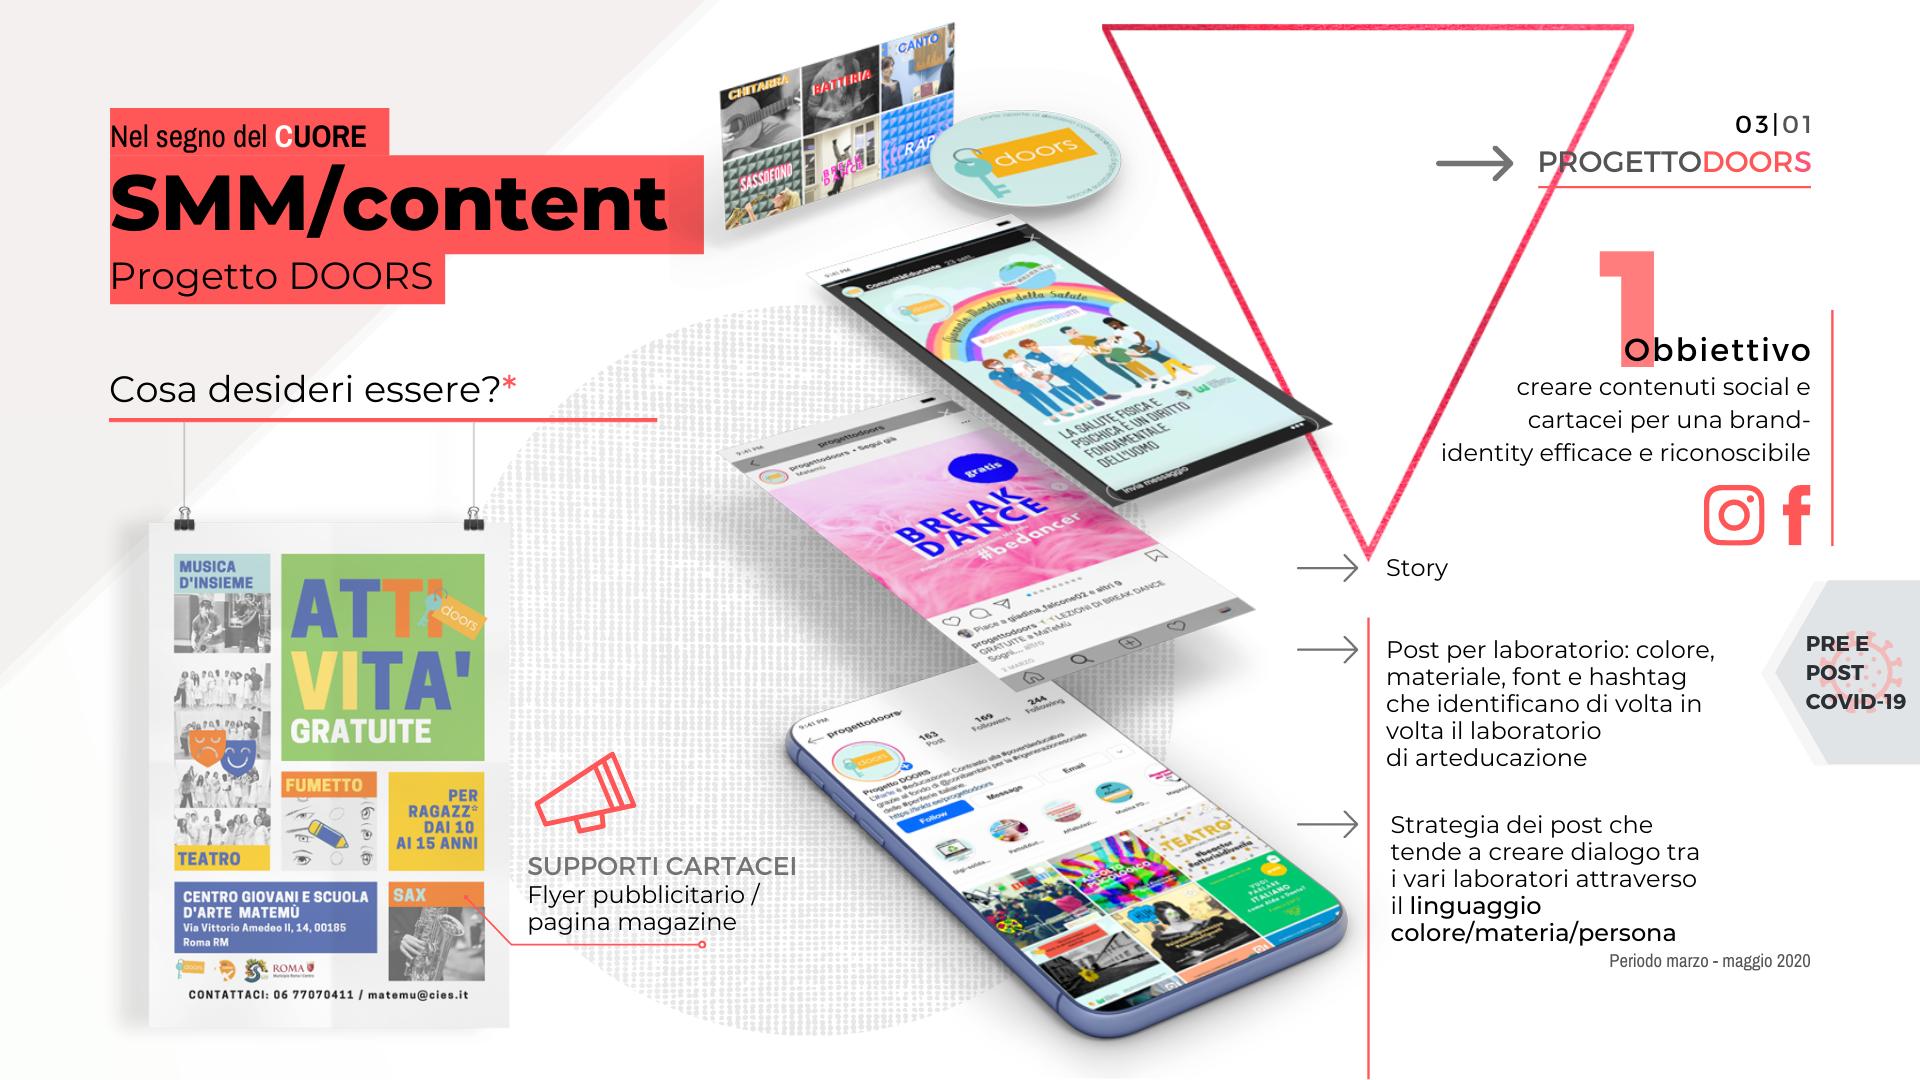 Progetto DOORS e il Social Media Marketing